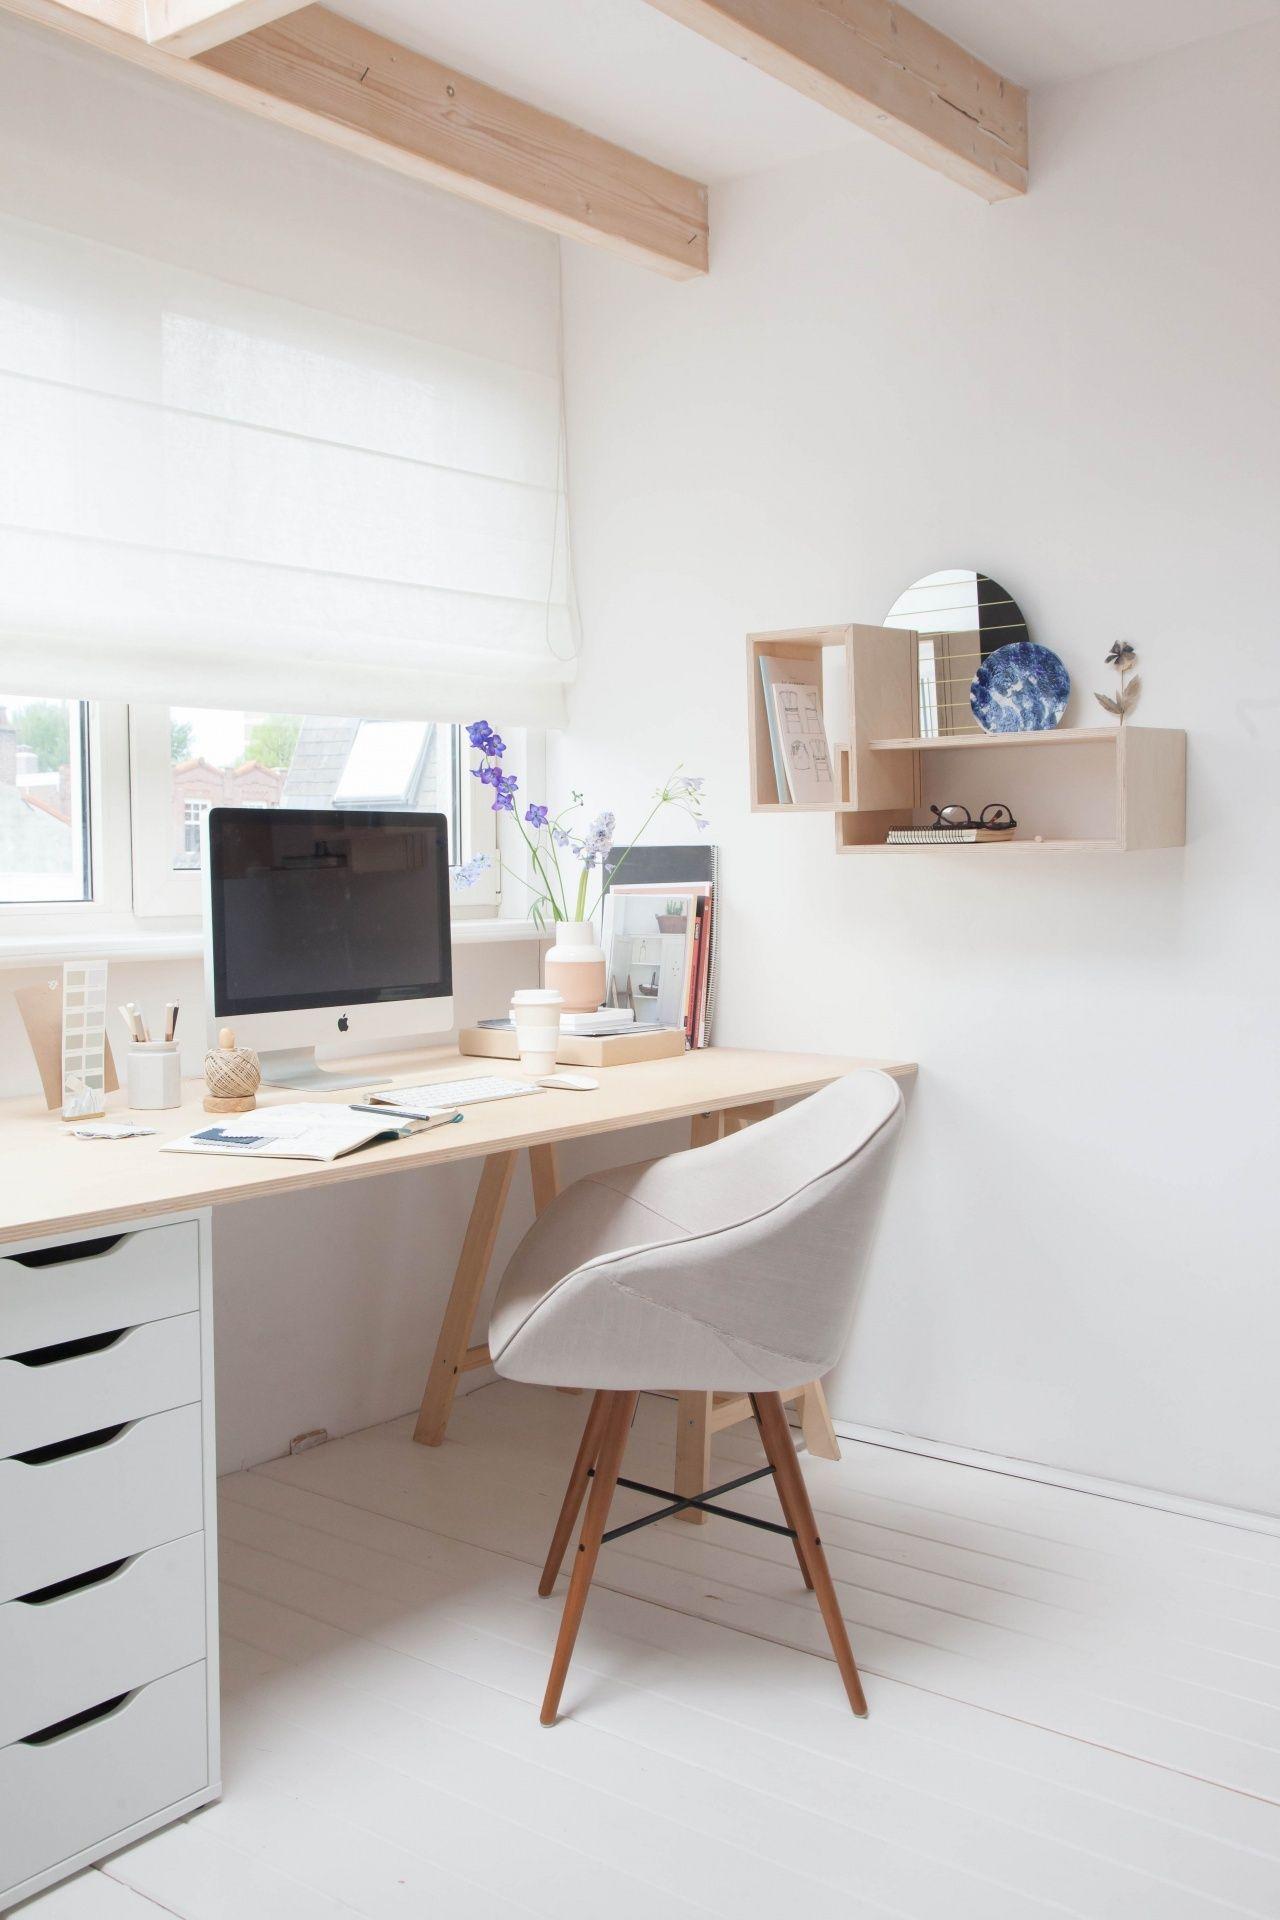 Gönnen Sie sich einen Fensterplatz Home ficeSchlafzimmer IdeenSchreibtisch